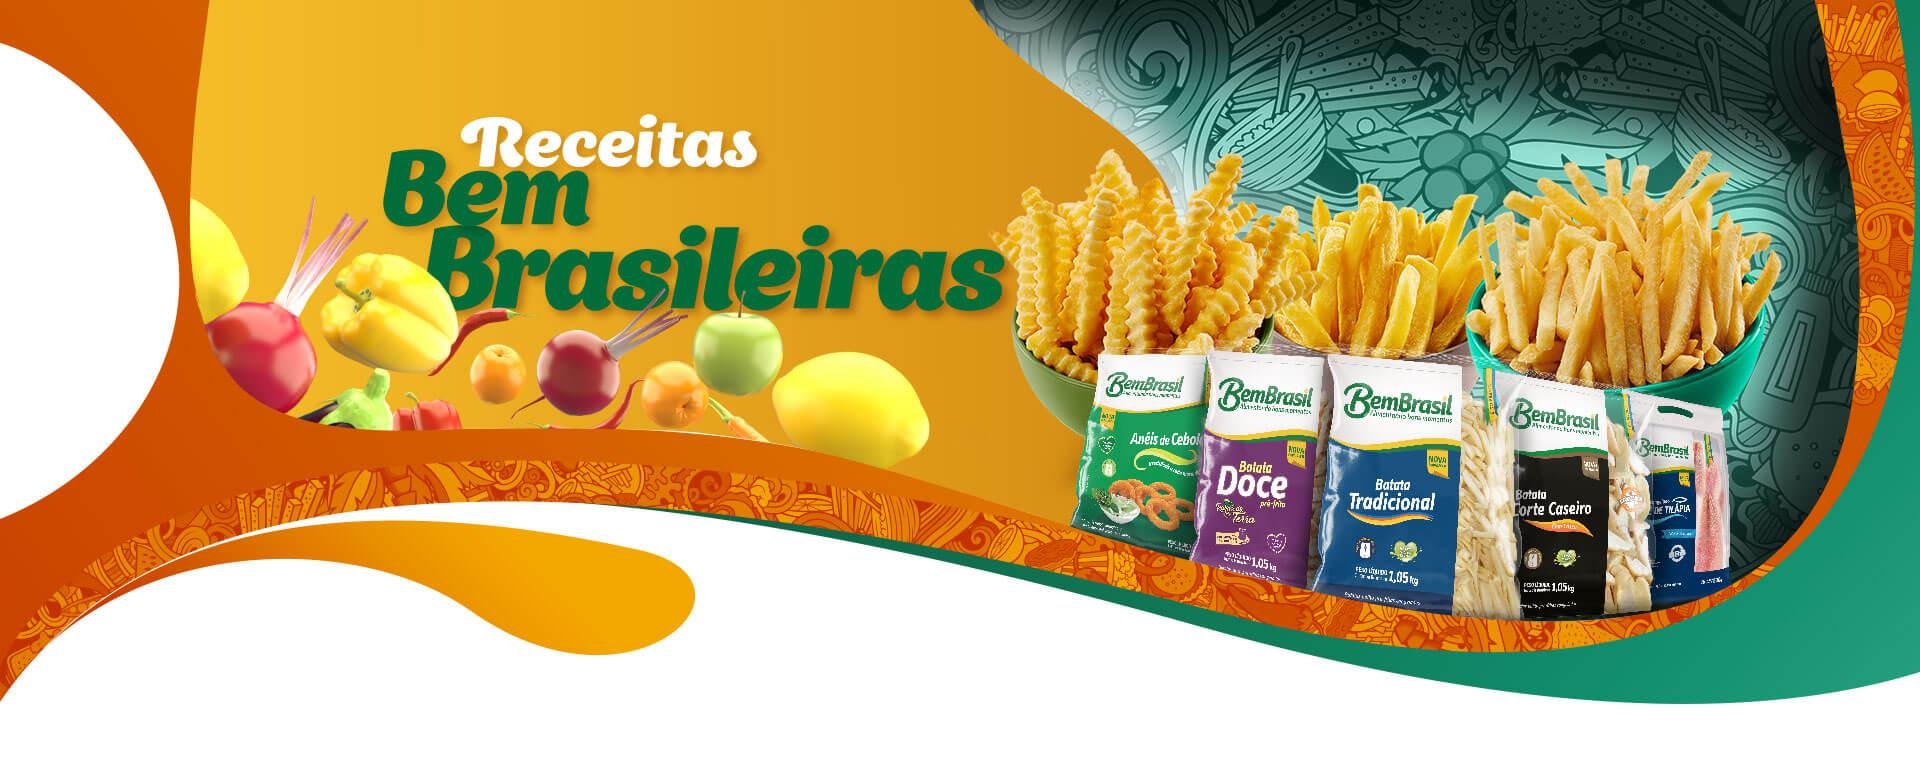 Receitas Brasileiras